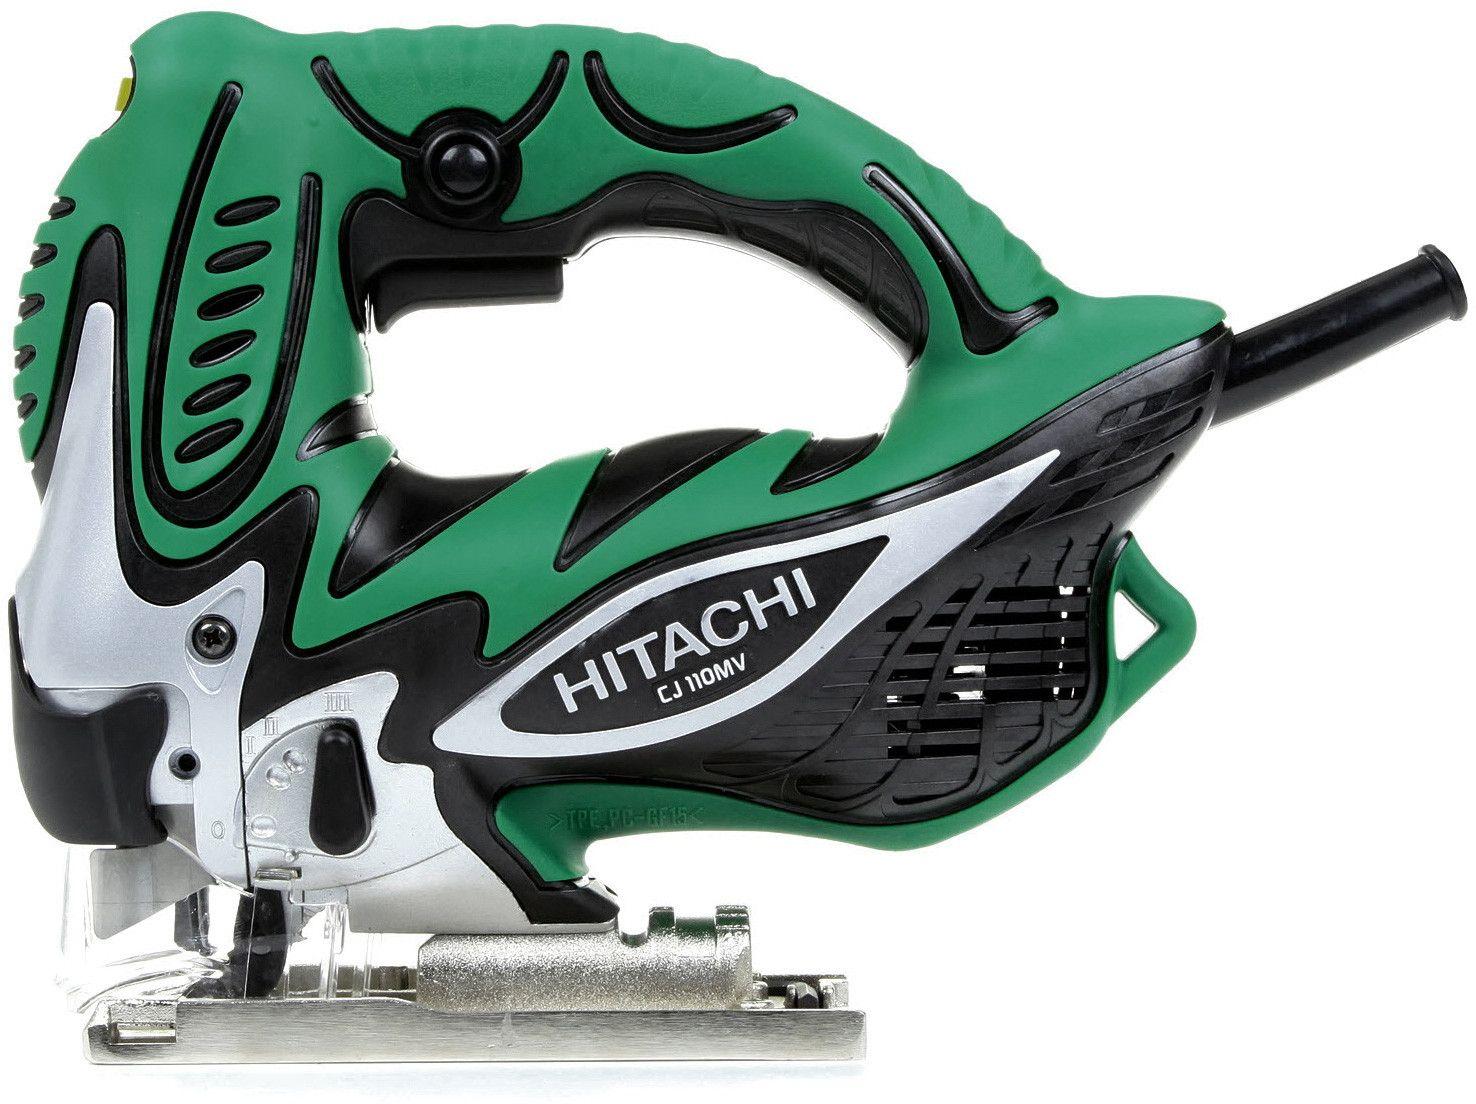 Hitachi CJ110MV